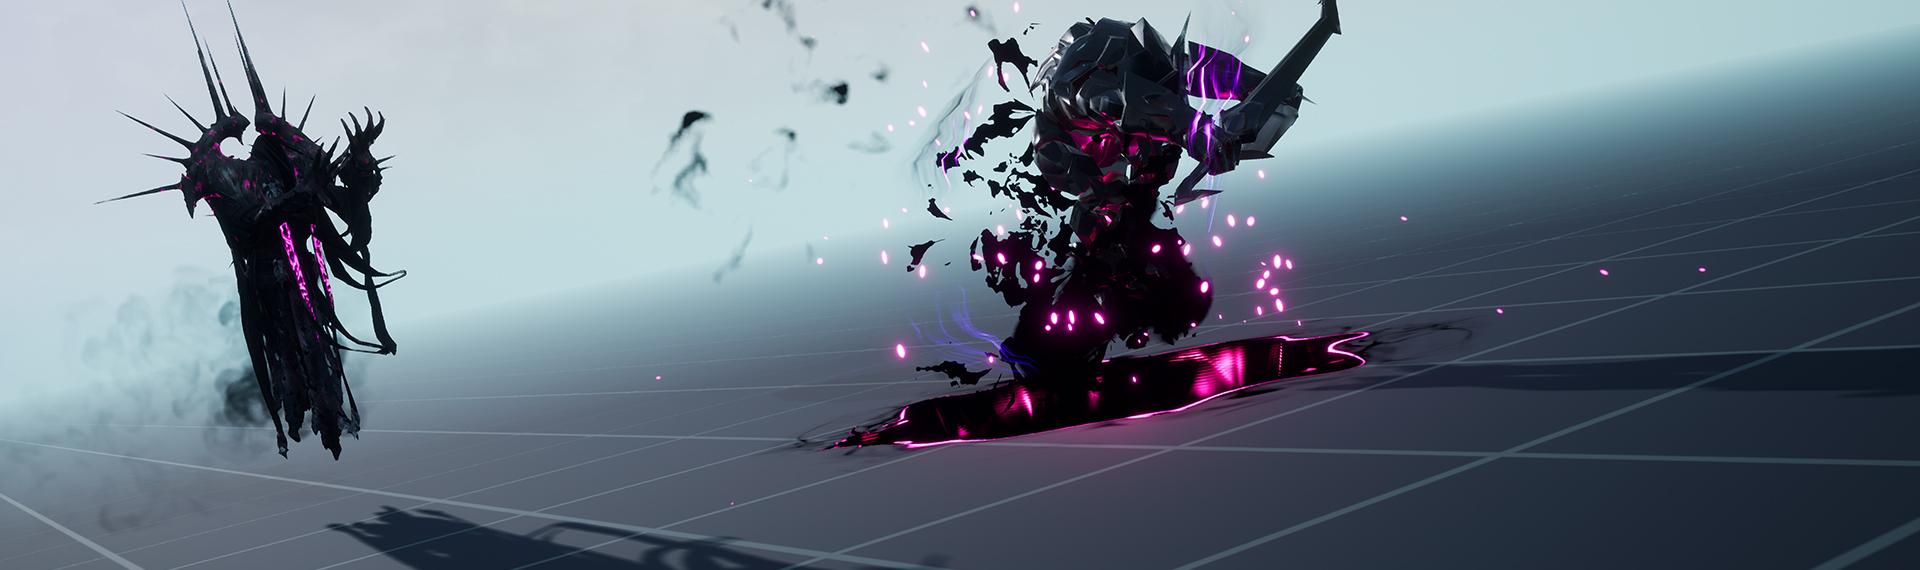 Wraith — Viktor Pramberg